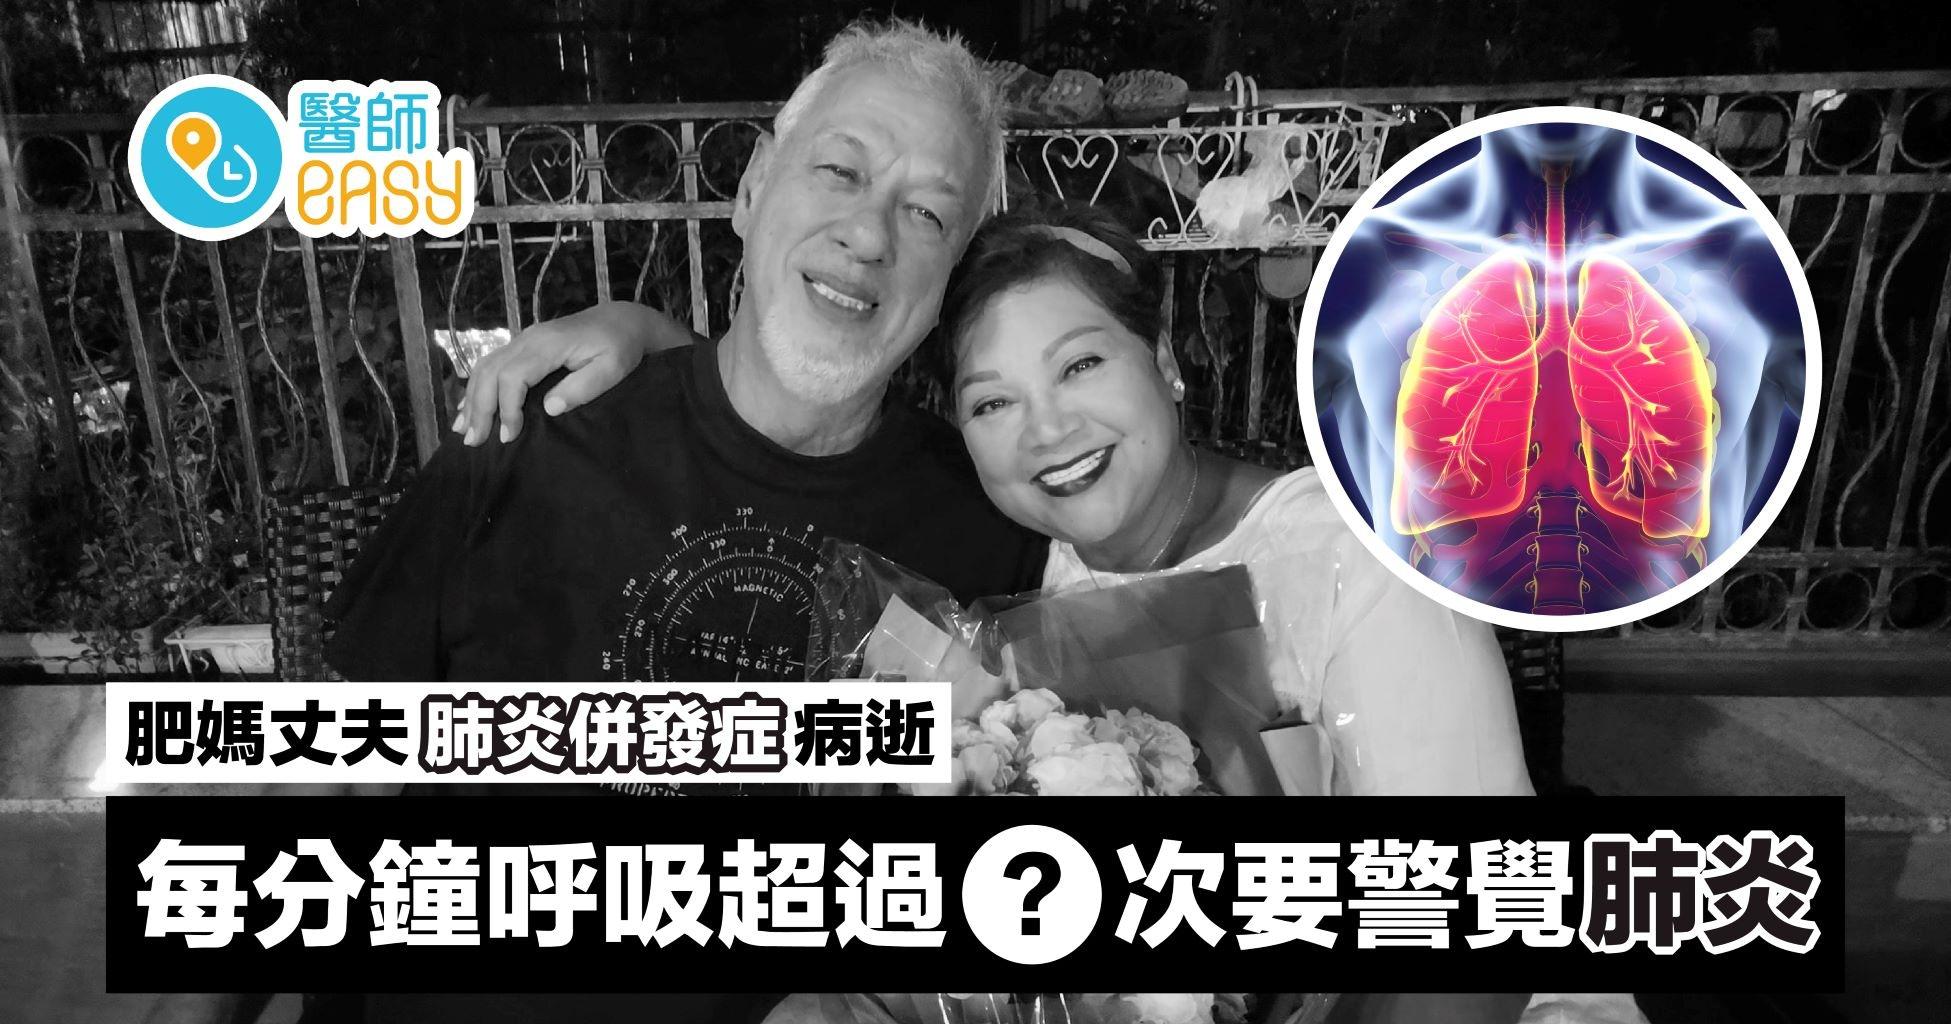 肥媽丈夫肺炎併發症病逝 醫生提醒每分鐘呼吸超過一定次數要警覺